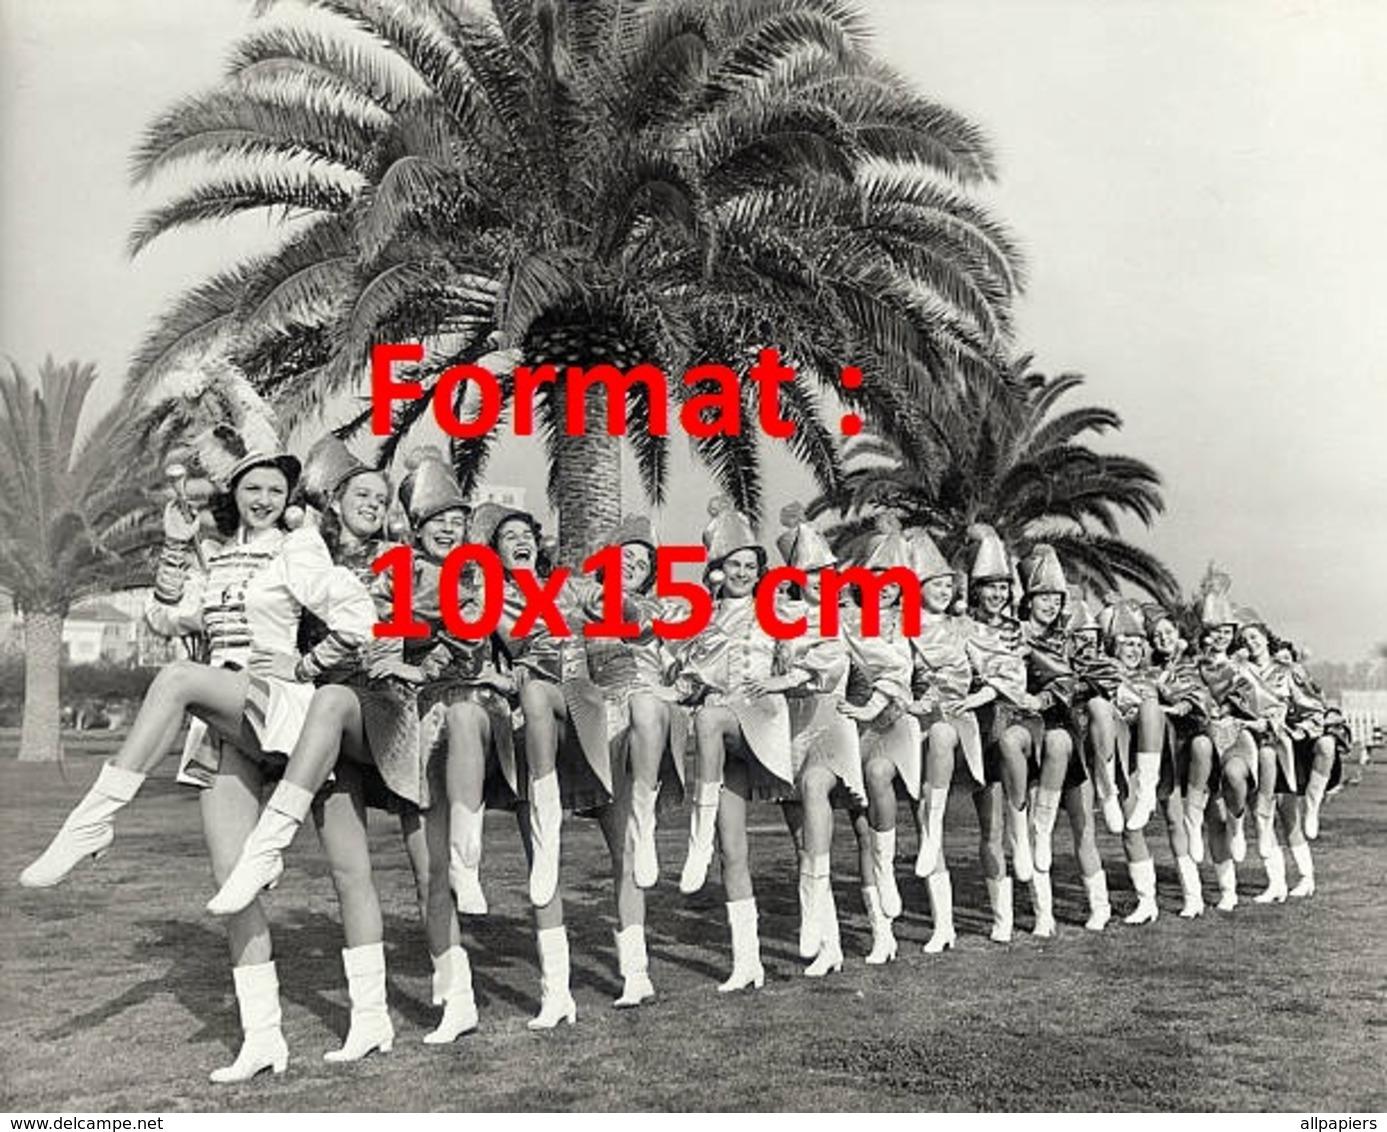 Reproduction D'une Photographie Ancienne De Majorettes Posant Sous Des Palmiers De Californie - Reproductions